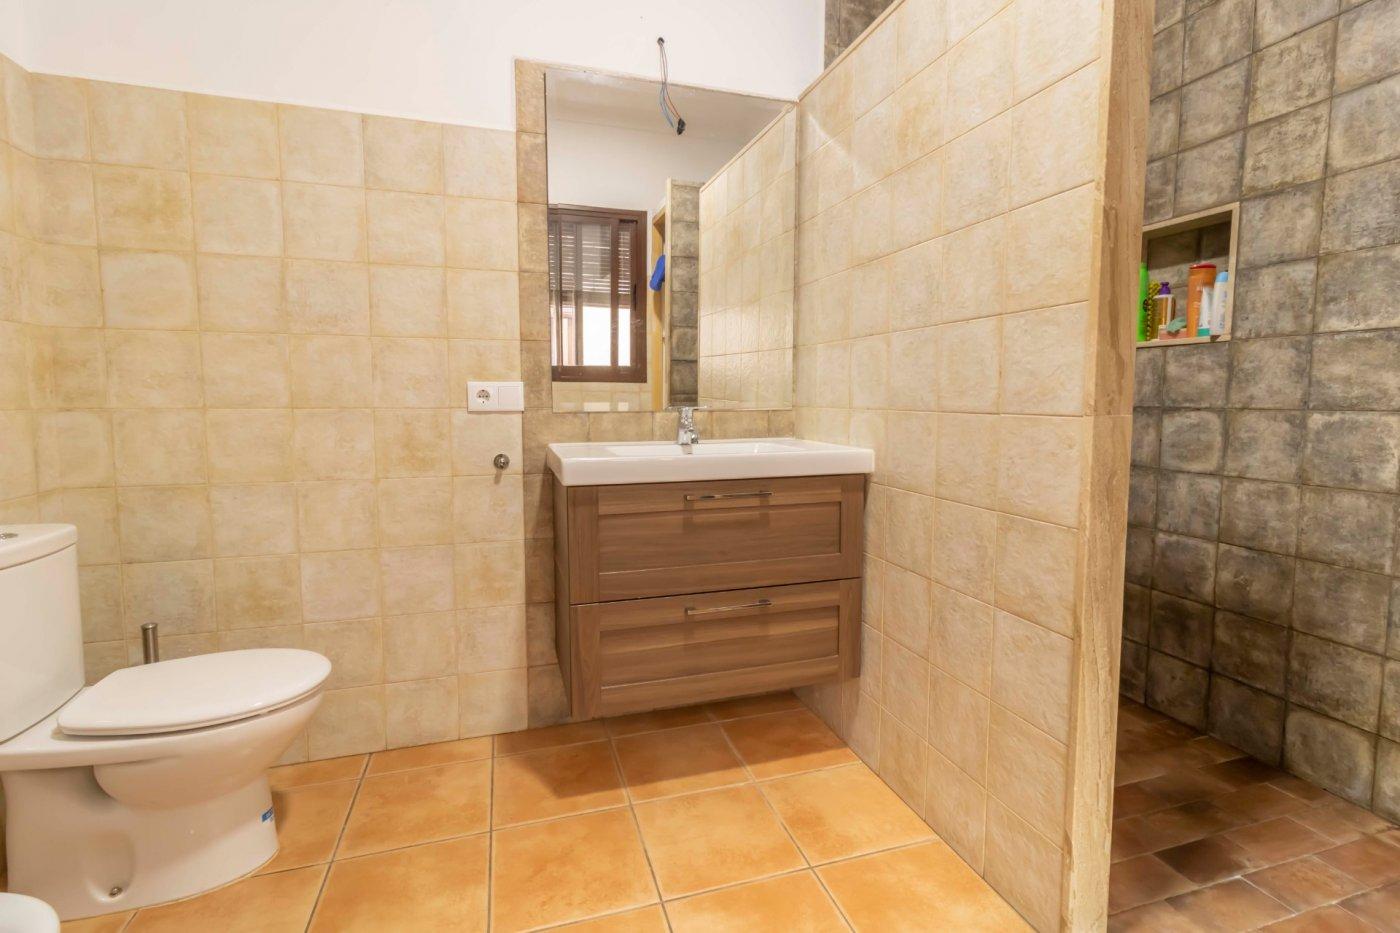 Casa de reciente construccion a la venta en carmona - imagenInmueble26